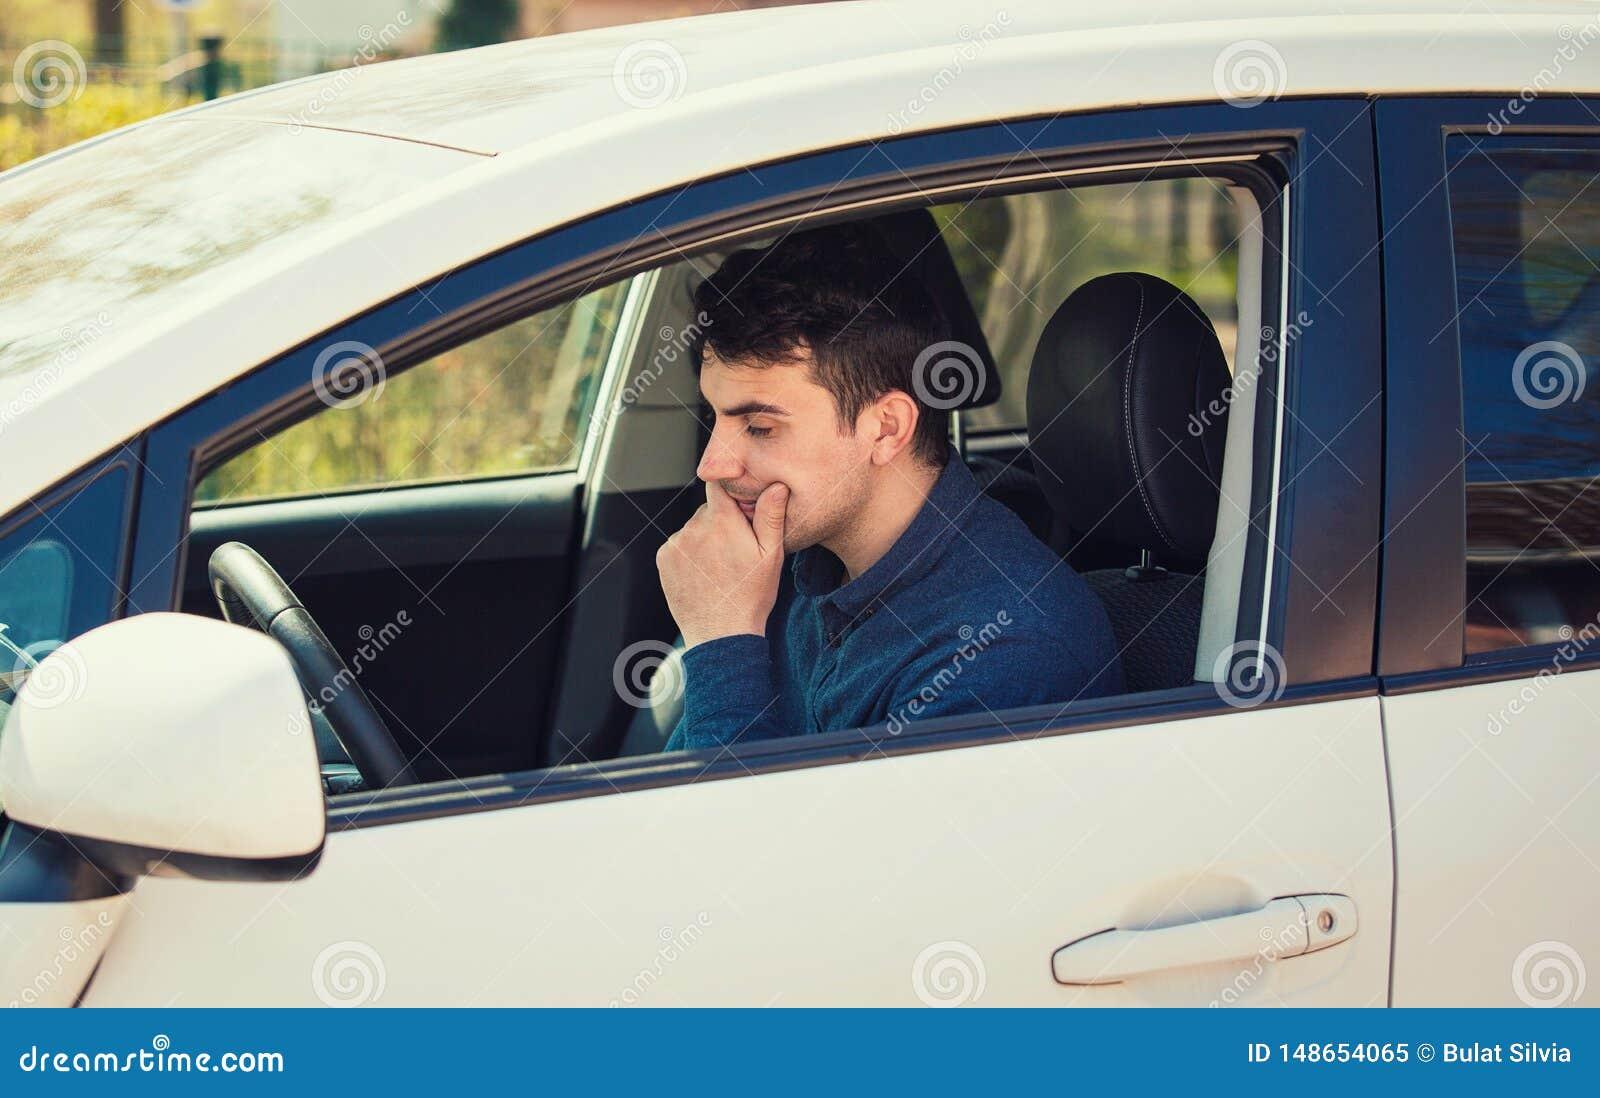 握他的手的体贴的年轻人司机在看起来急切等待在他的汽车的下巴下